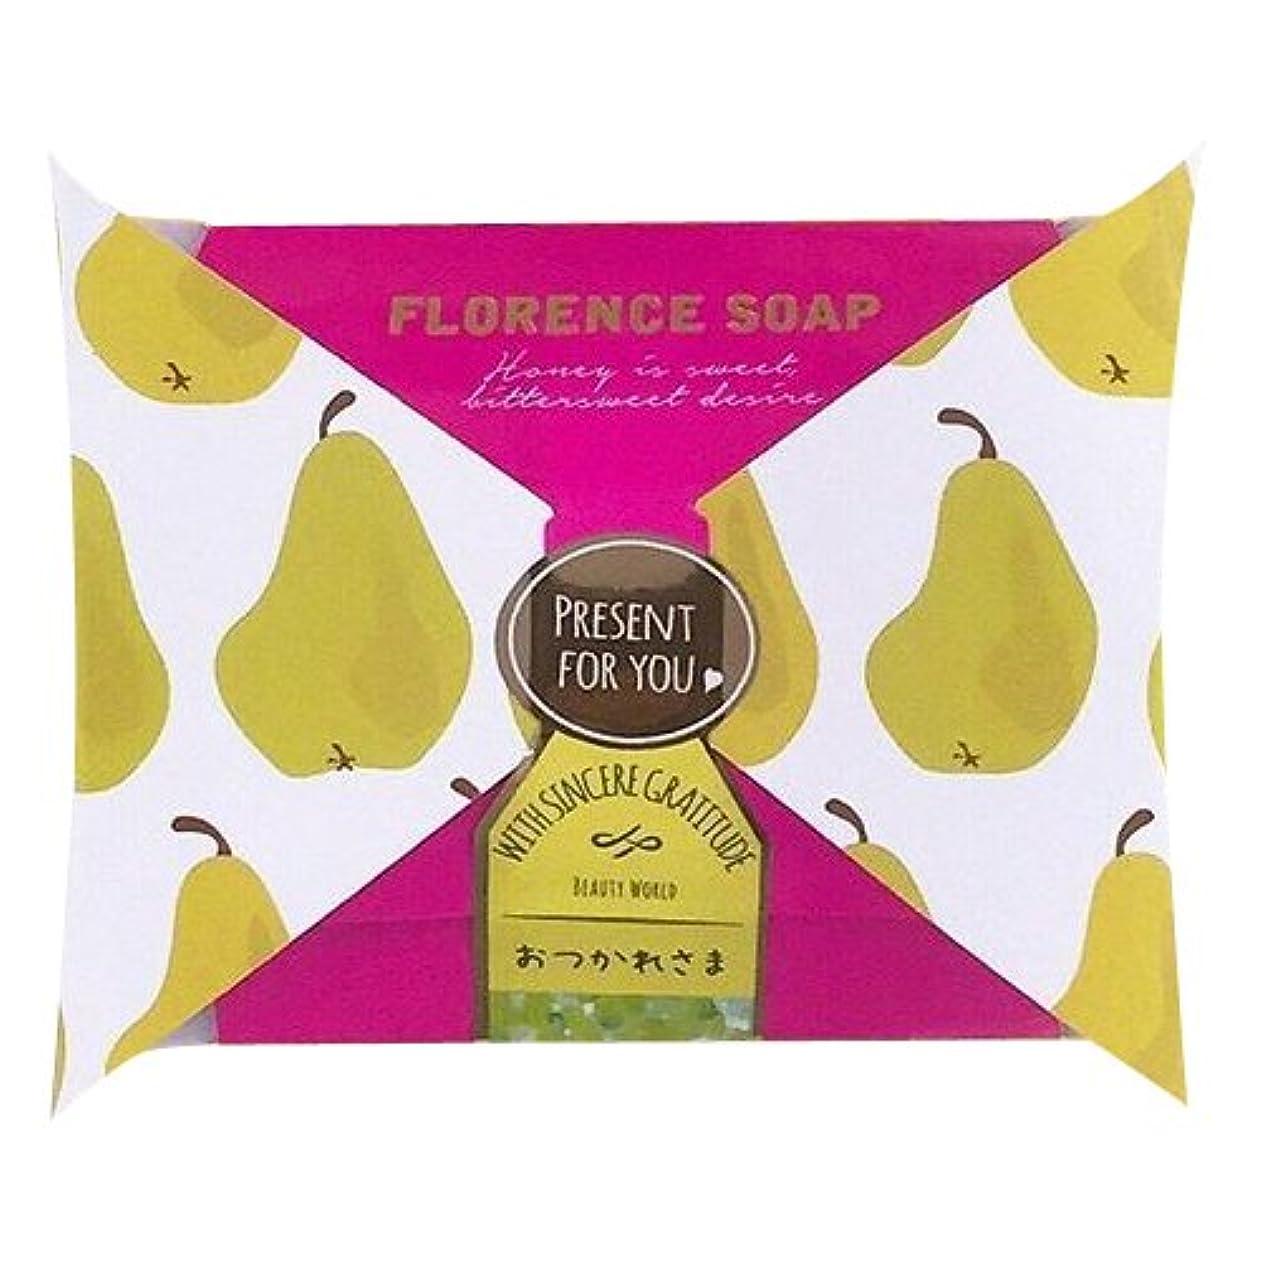 遅らせるビデオペットBW フローレンスの香り石けん リボンパッケージ FSP386 密の甘く切ない願い (35g)